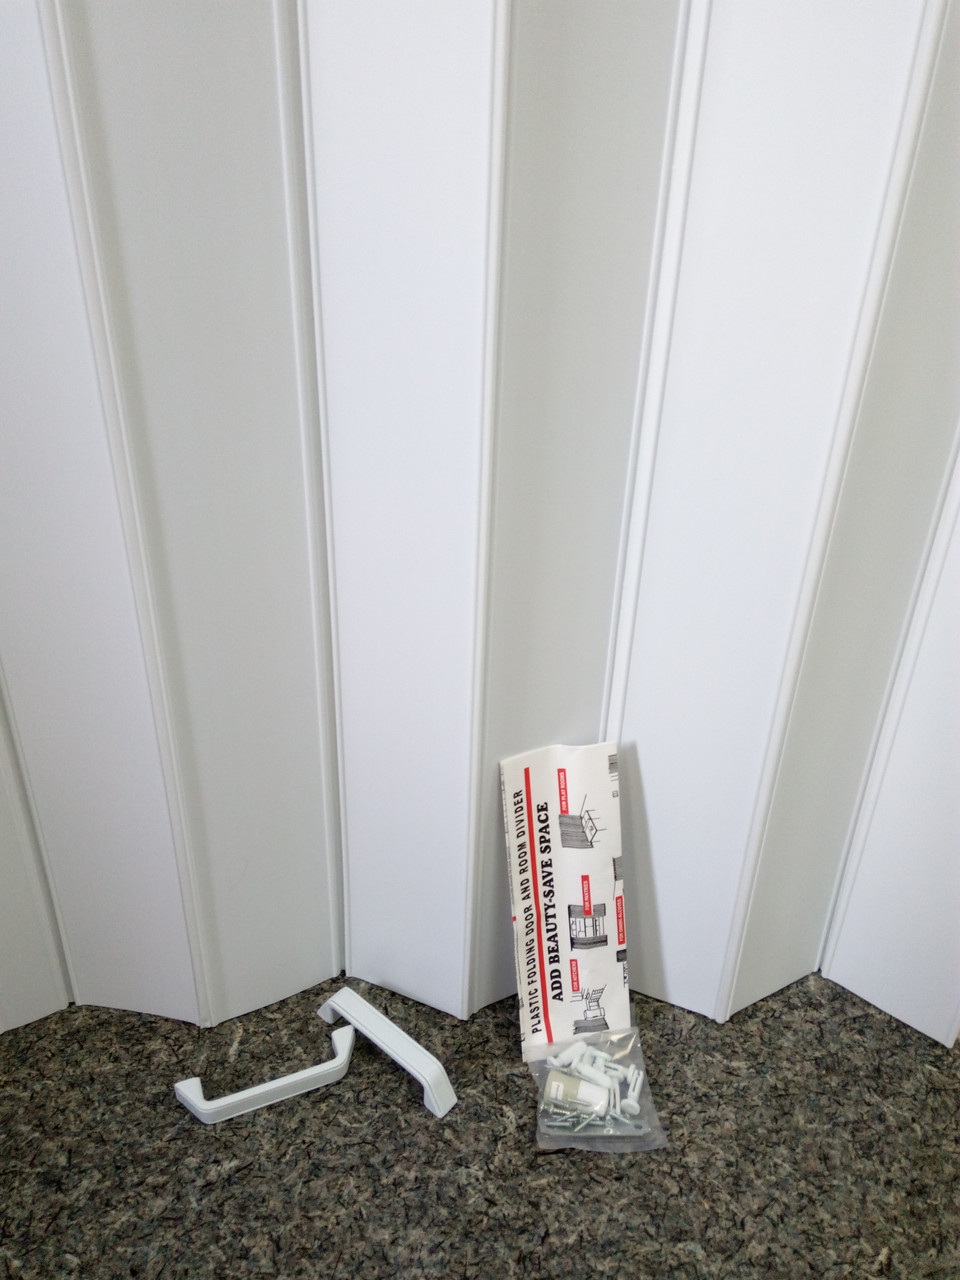 Ширма - гармошка белая 820х2030х0,6 мм гармошка раздвижная межкомнатная пластиковая глухая - фото 4